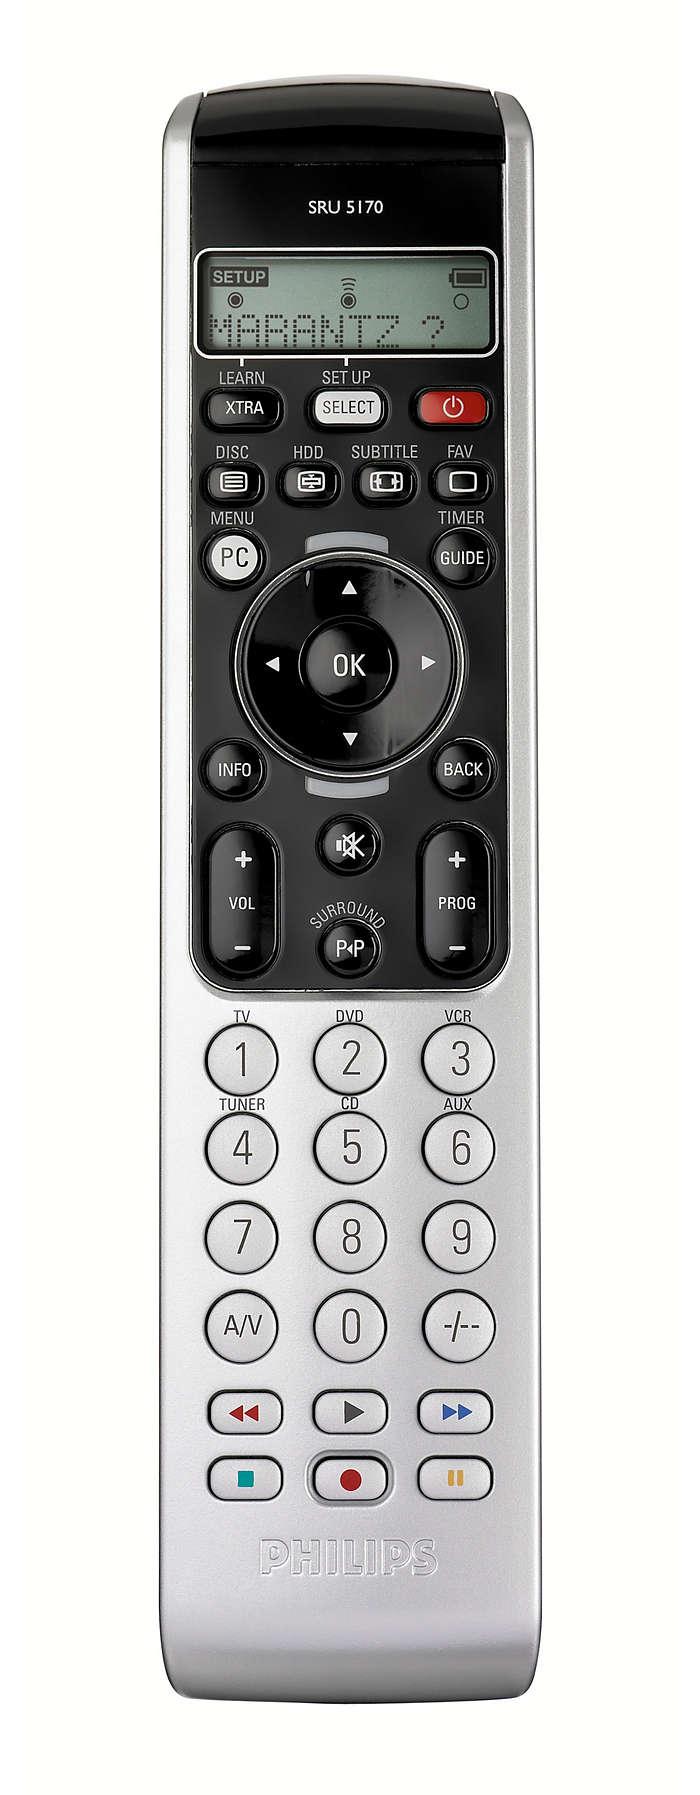 Configurare îndrumată prin intermediul ecranului LCD